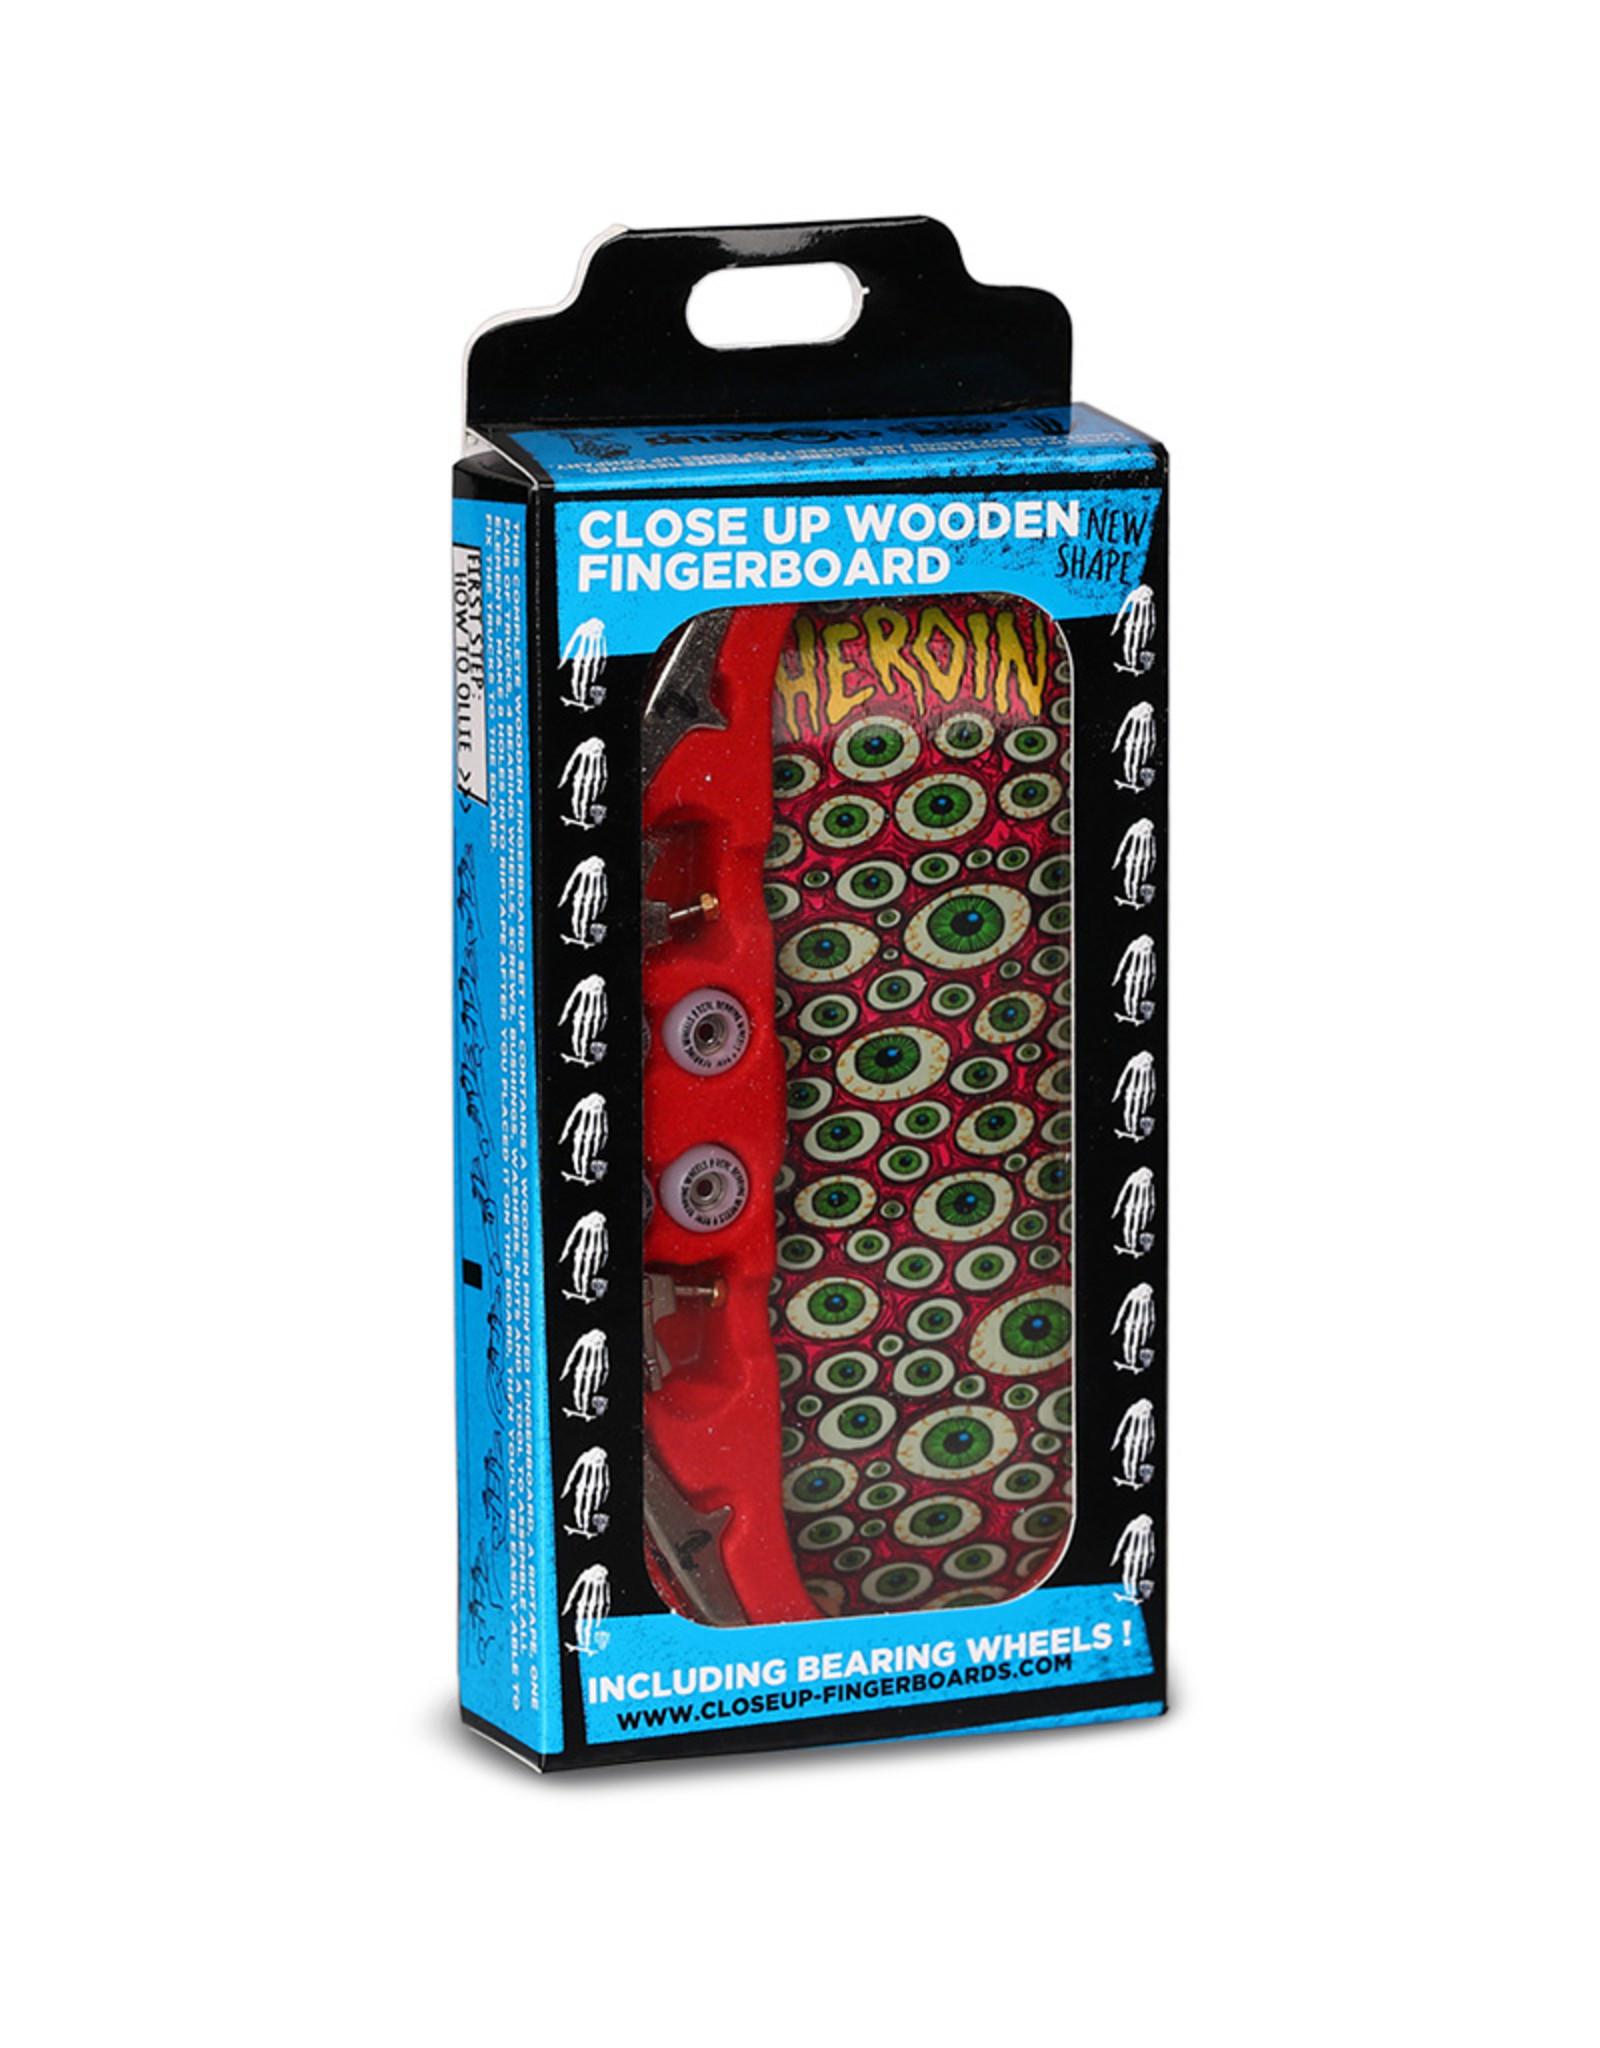 Close Up Fingerboards Close Up Heroin Eyes 34 mm Generation 5.1 Fingerboard Setup